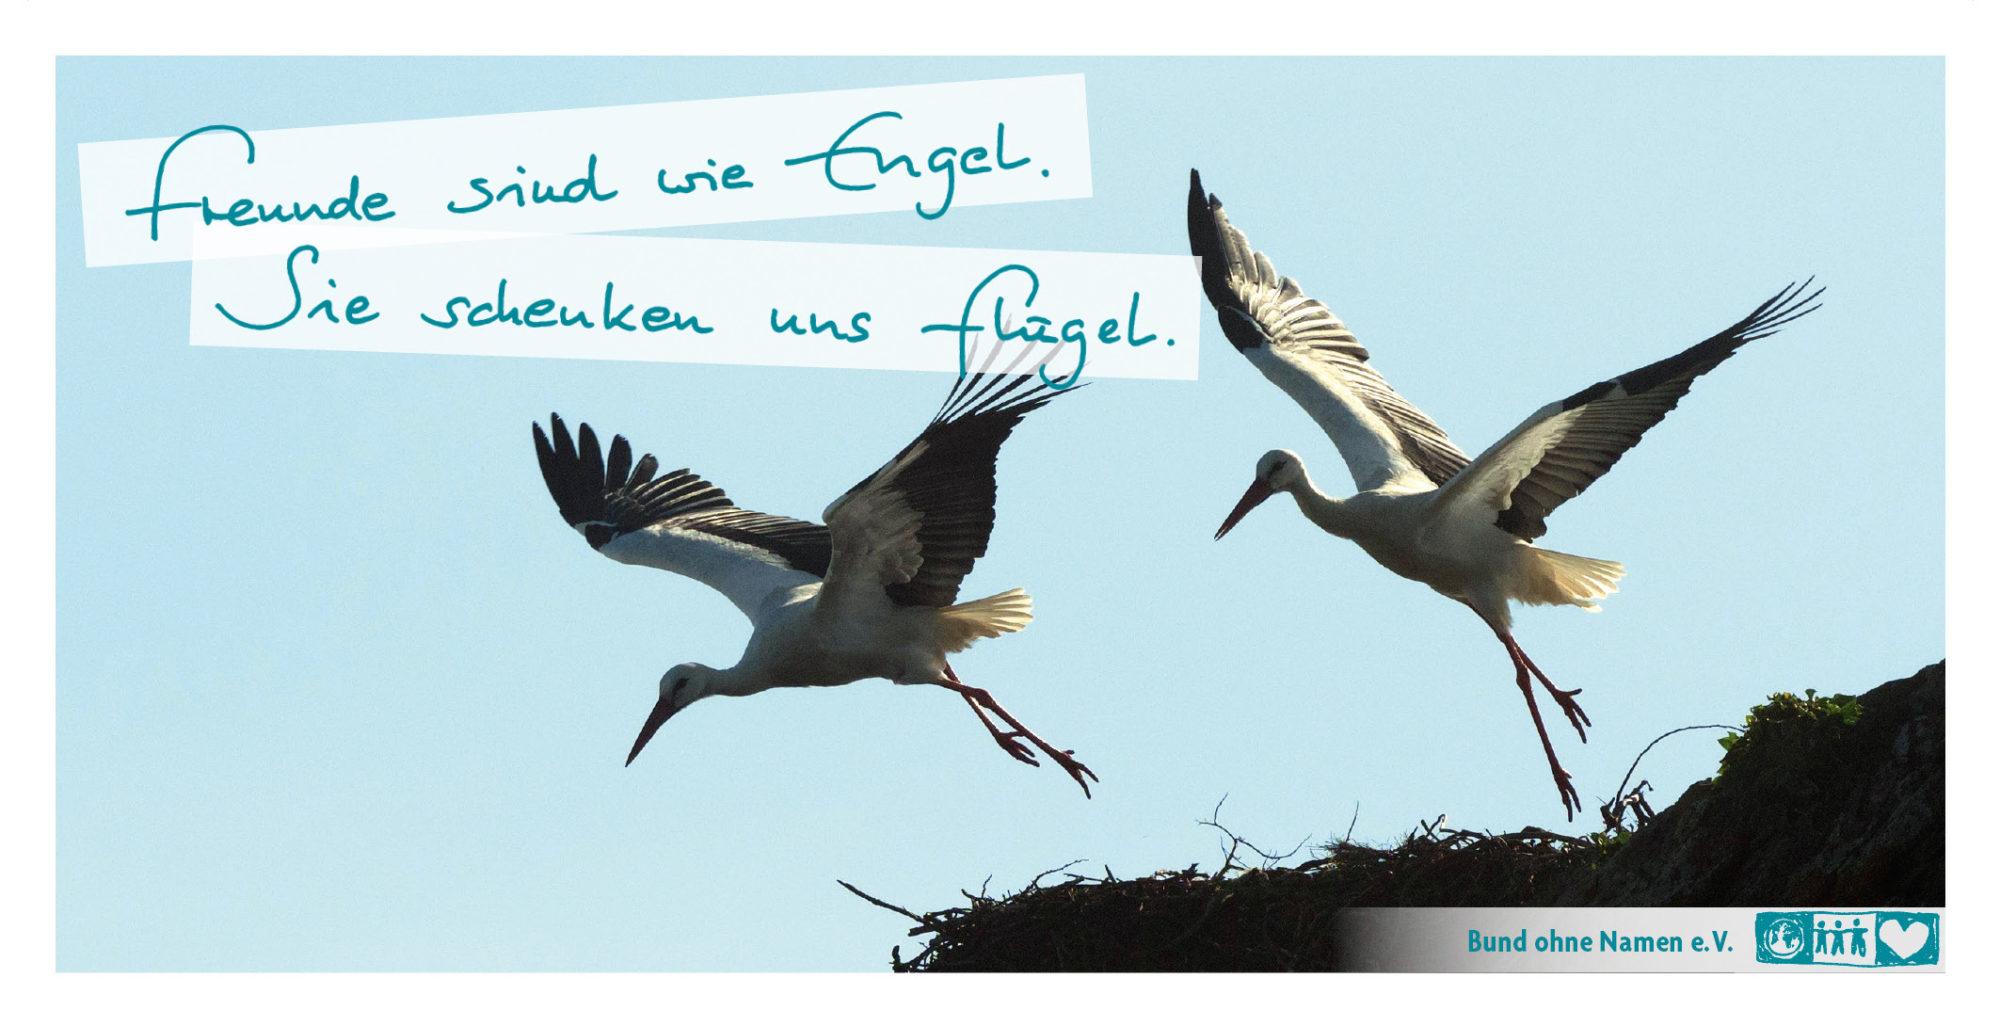 Freunde sind wie Engel. Sie schenken uns Flügel